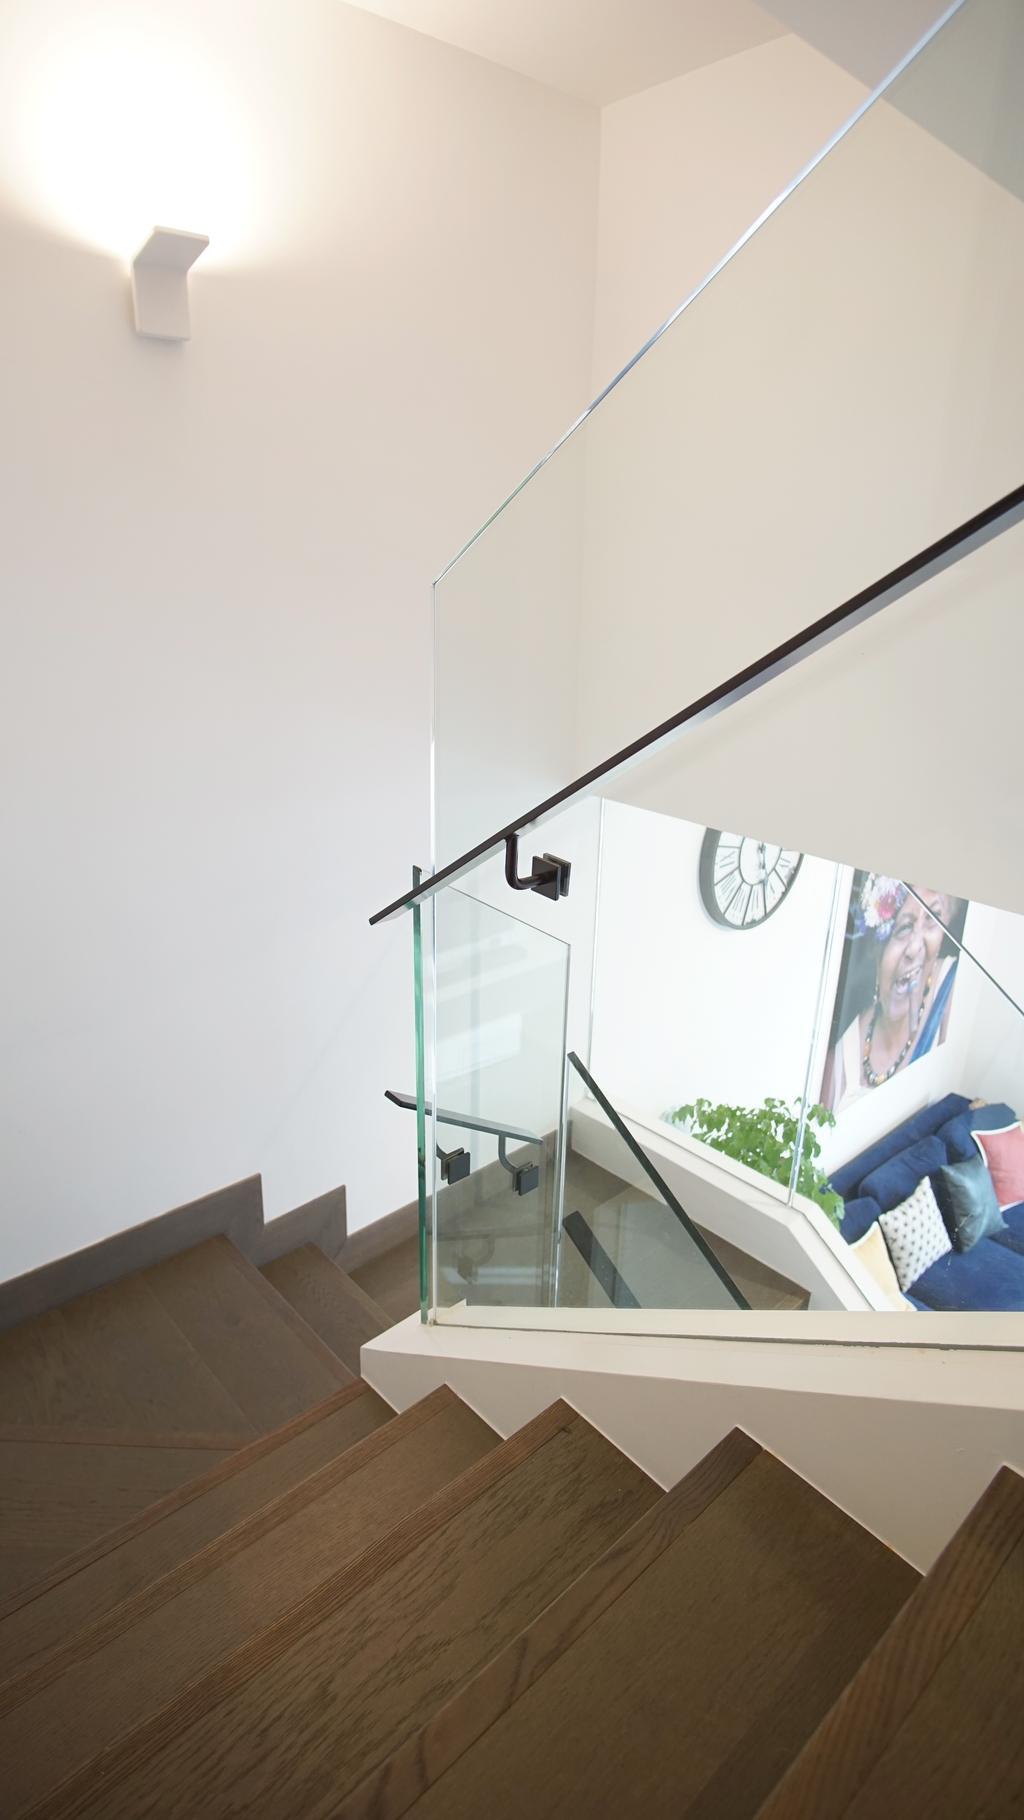 北歐, 獨立屋, 比華利山別墅, 室內設計師, AQUA Projects